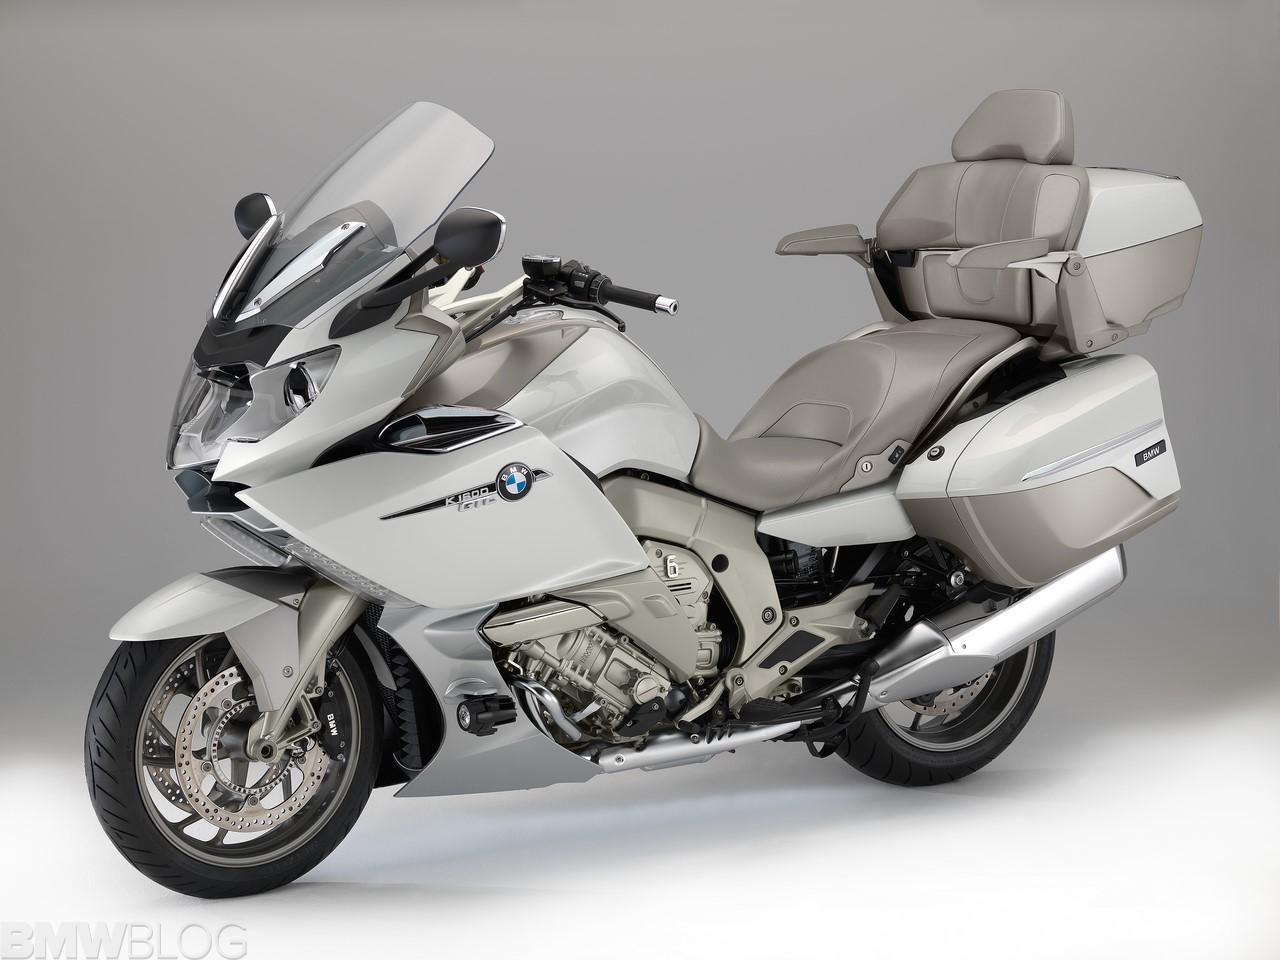 Problemas nas BMW K1600 GT e GTL? - Página 2 Bmw-k1600-gtl-exclusive-01